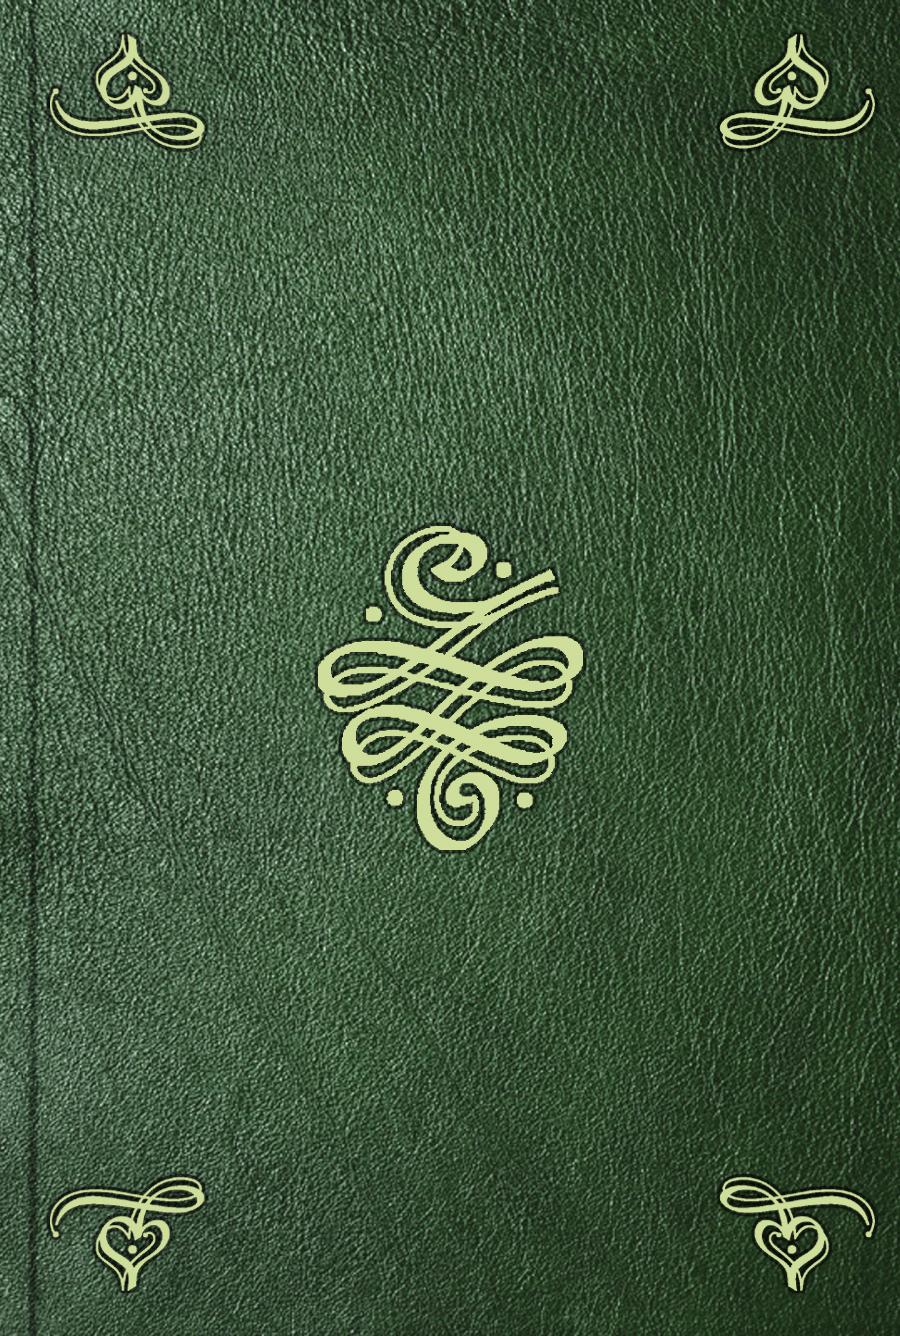 Johann Gottfried Herder Kleine Schriften 1791-96. Bd. 1 samuel johann ernst stosch kleine beiträge zur nähern kenntniss der deutschen sprache